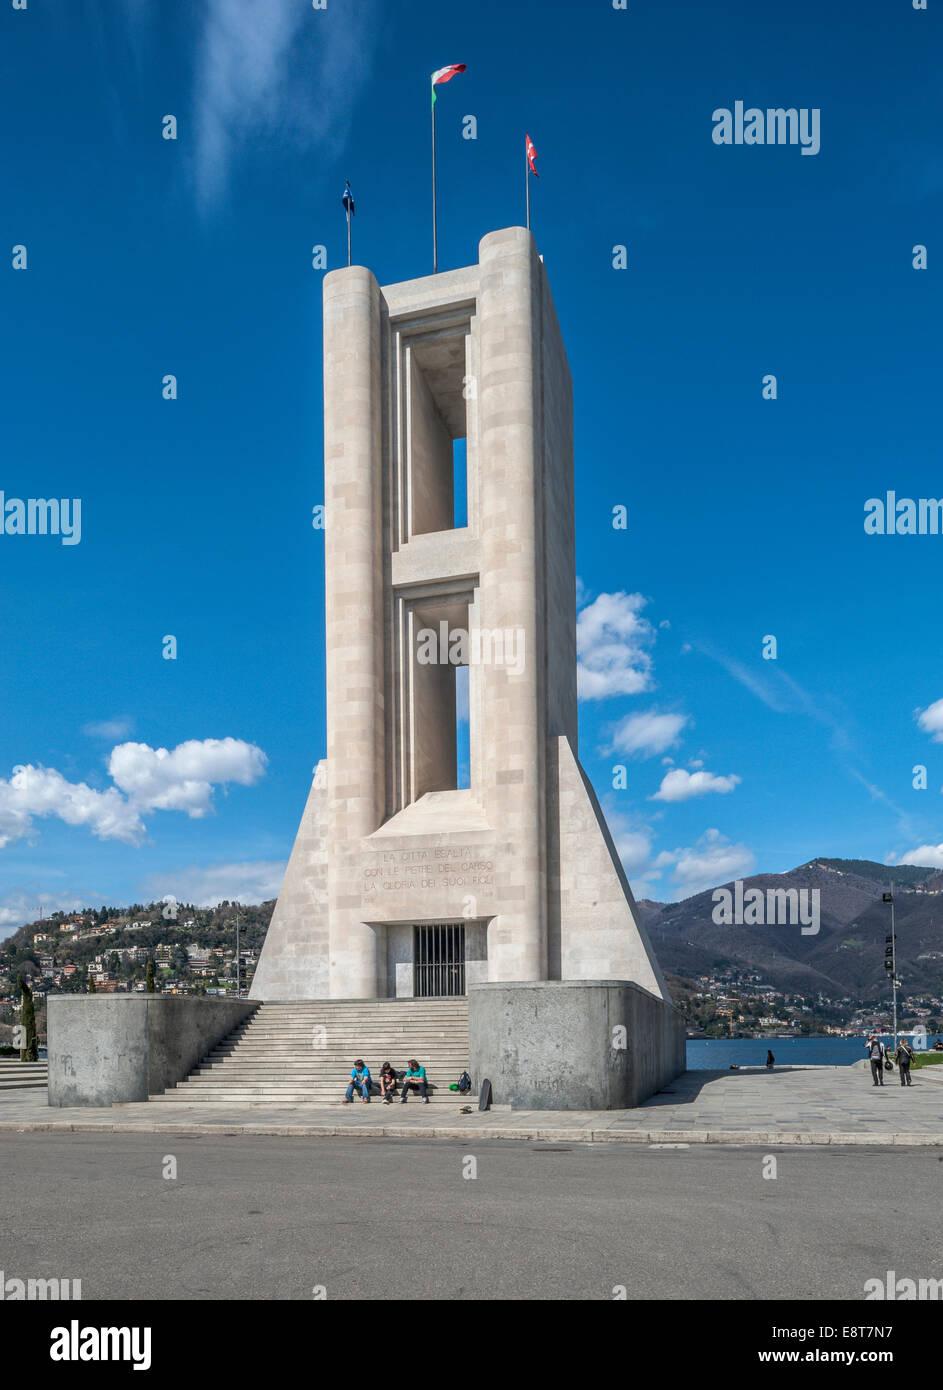 Monumento ai Caduti monumento ai caduti in guerra sul Lago di Como, architetto Giuseppe Terragni, neoclassicismo, Foto Stock